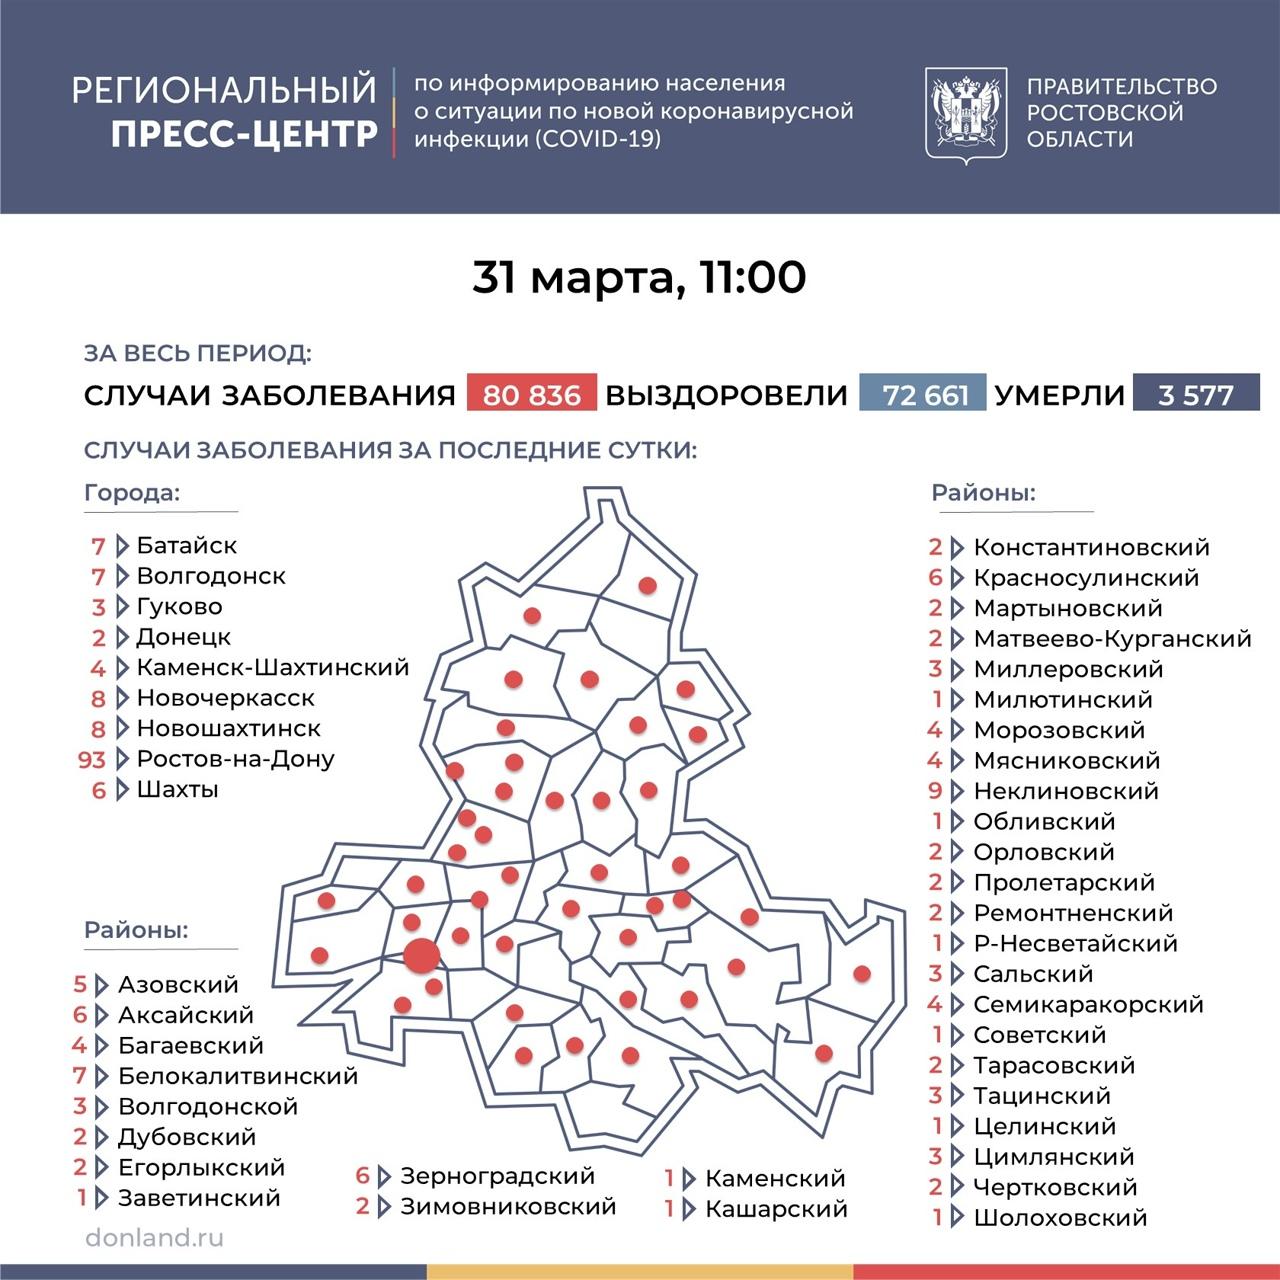 На Дону число инфицированных COVID-19 составляет 239, в Таганроге новых случаев нет